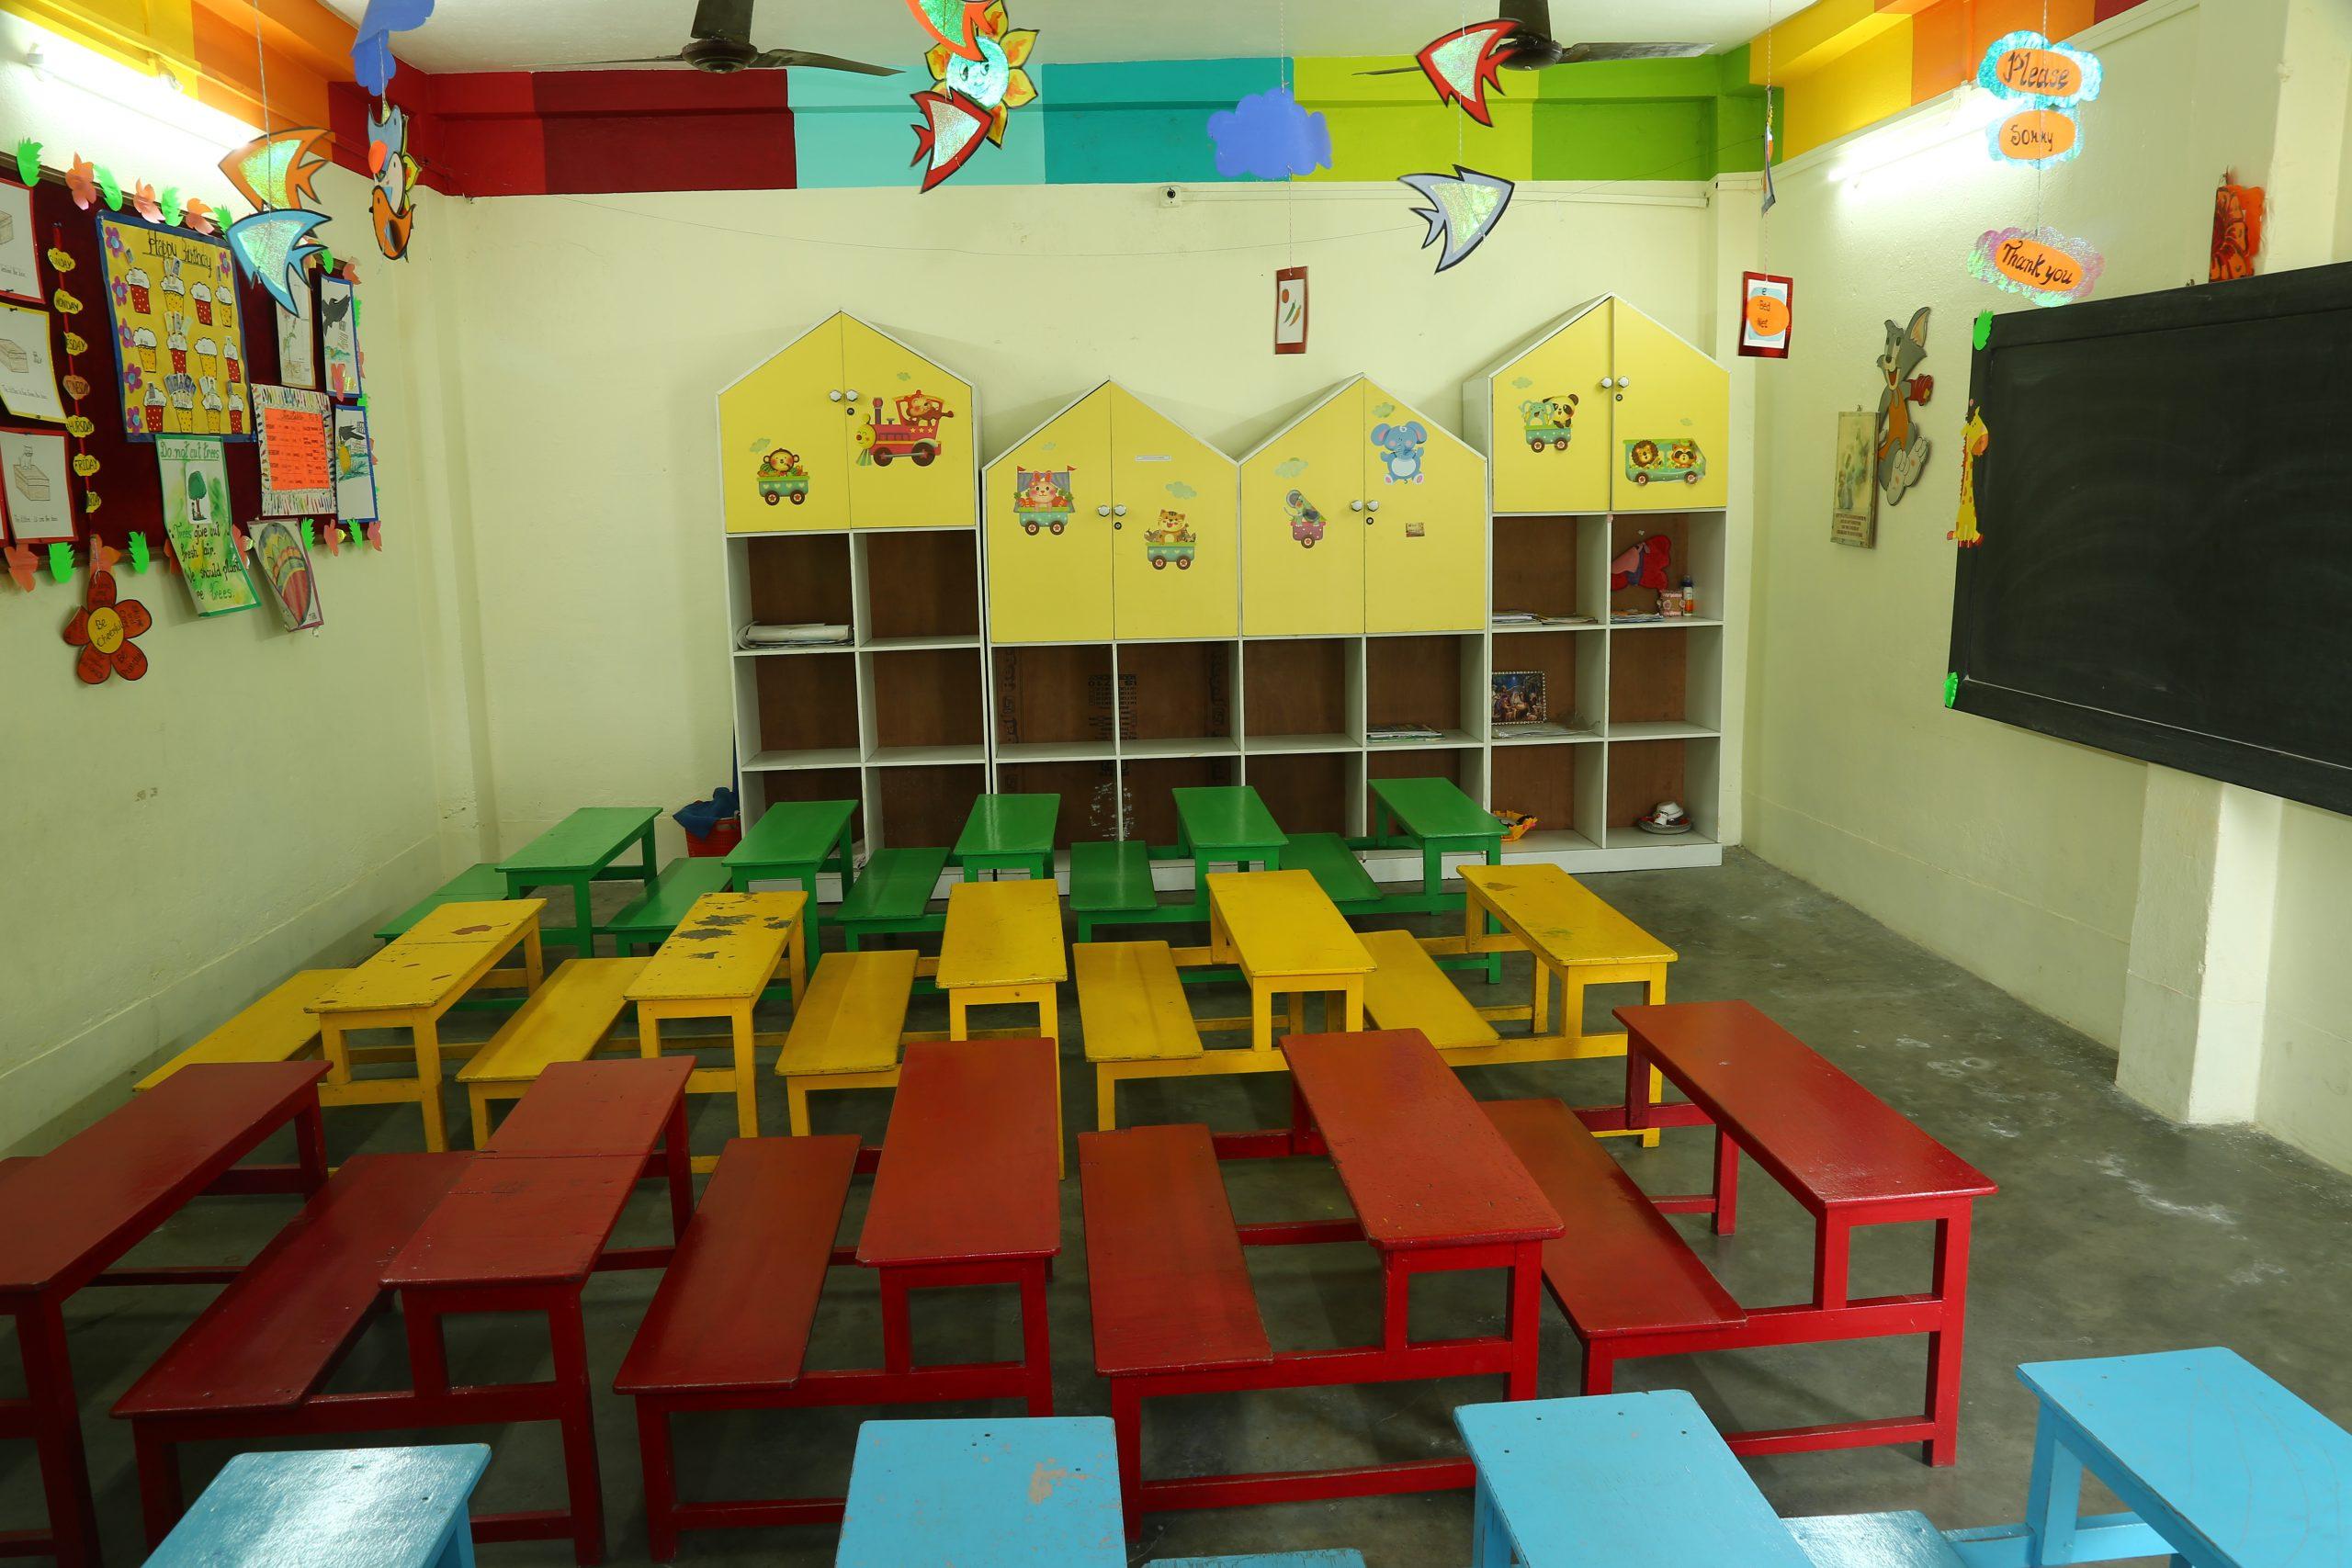 private school in barrackpore